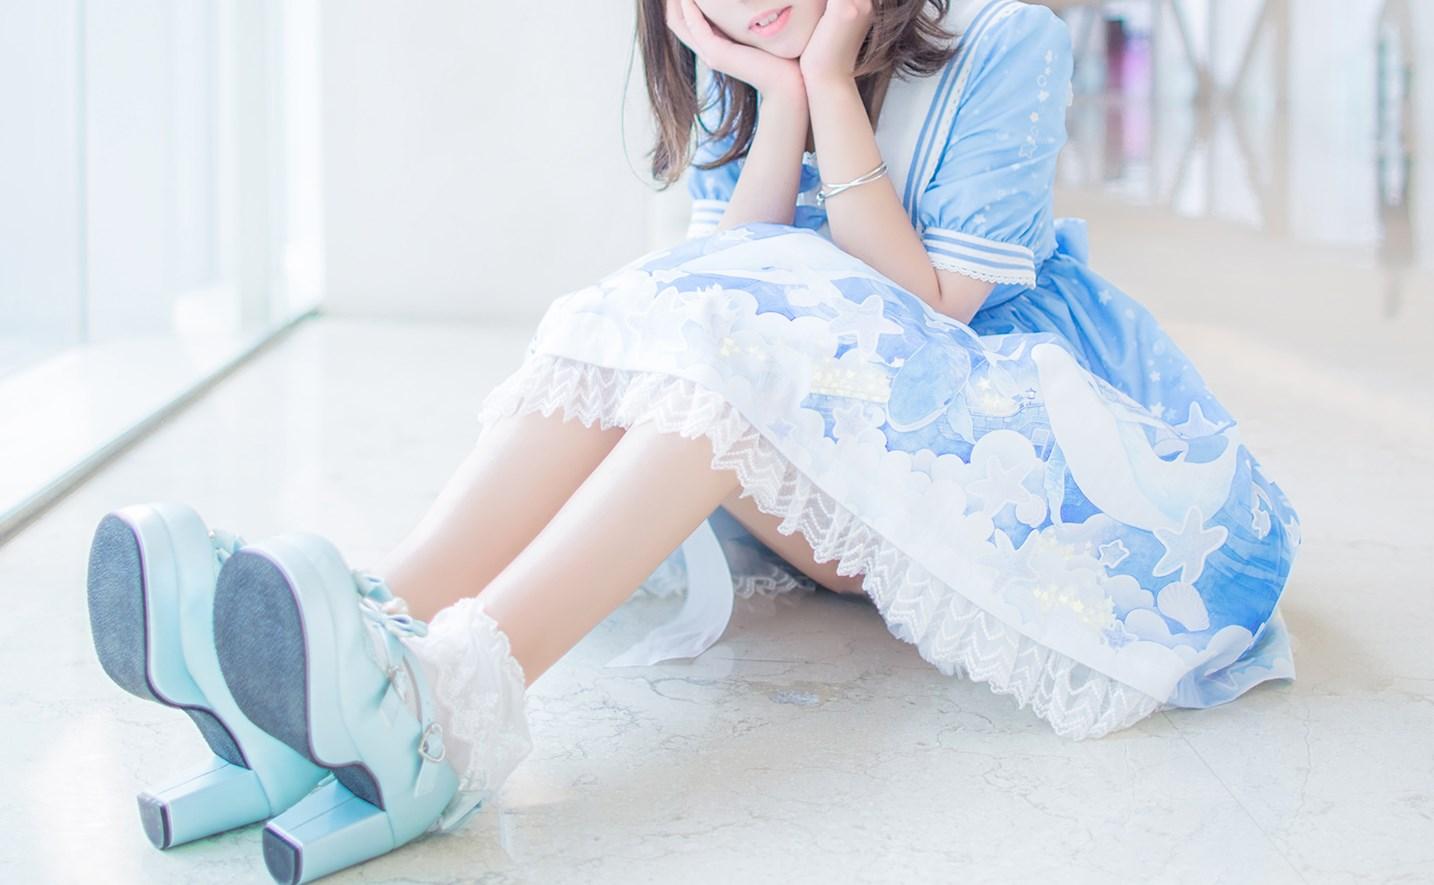 【兔玩映画】蓝色的LO娘 兔玩映画 第26张